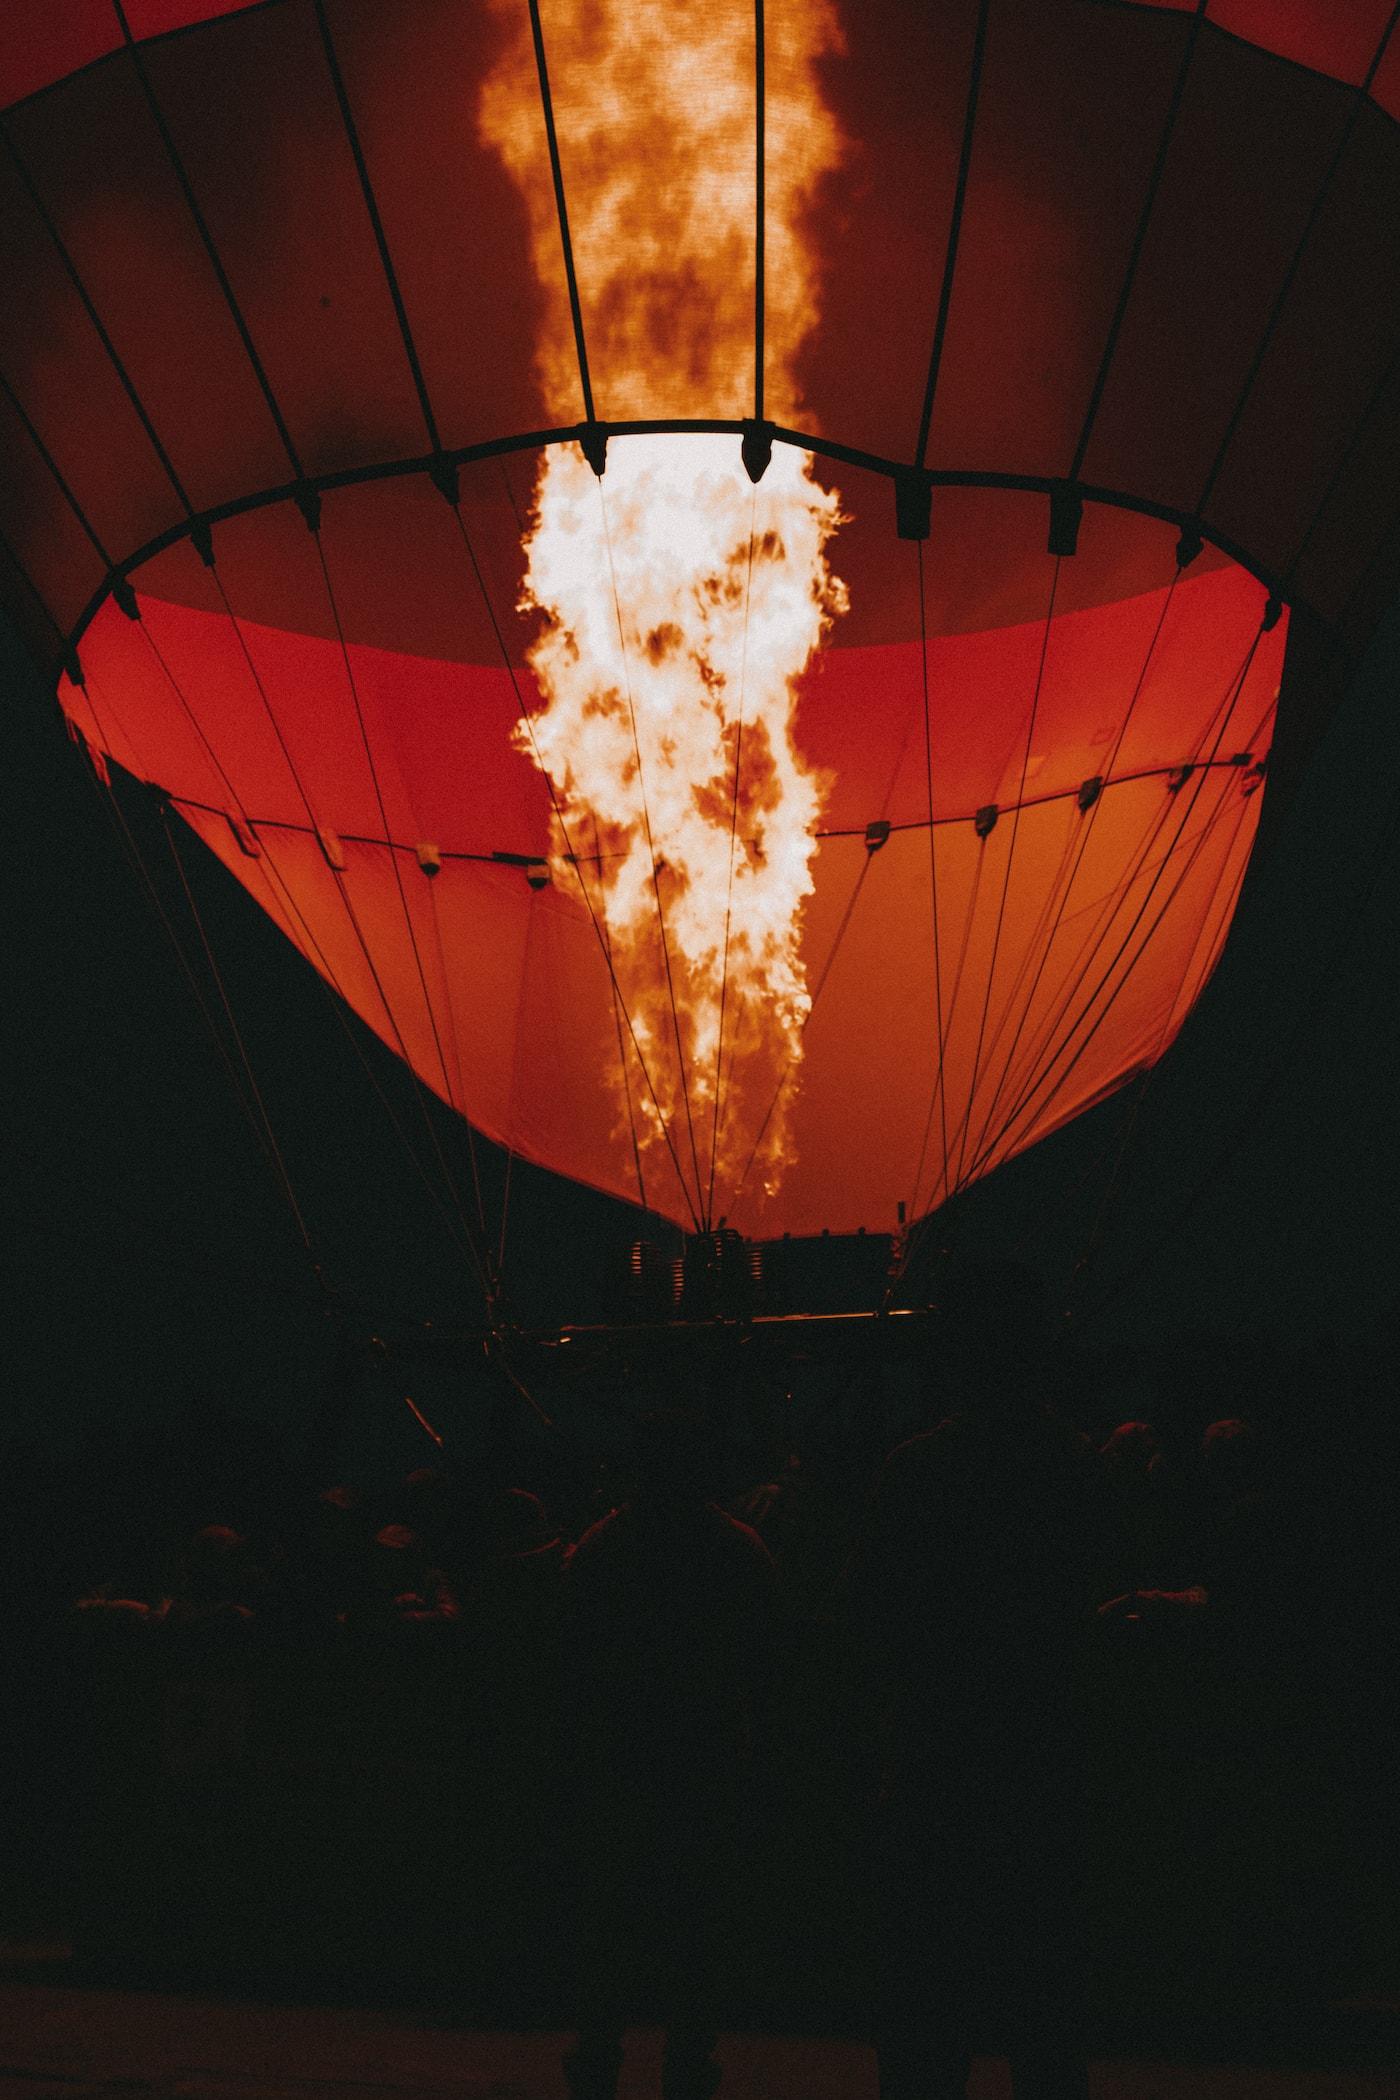 Heißluftballon mit Feuer